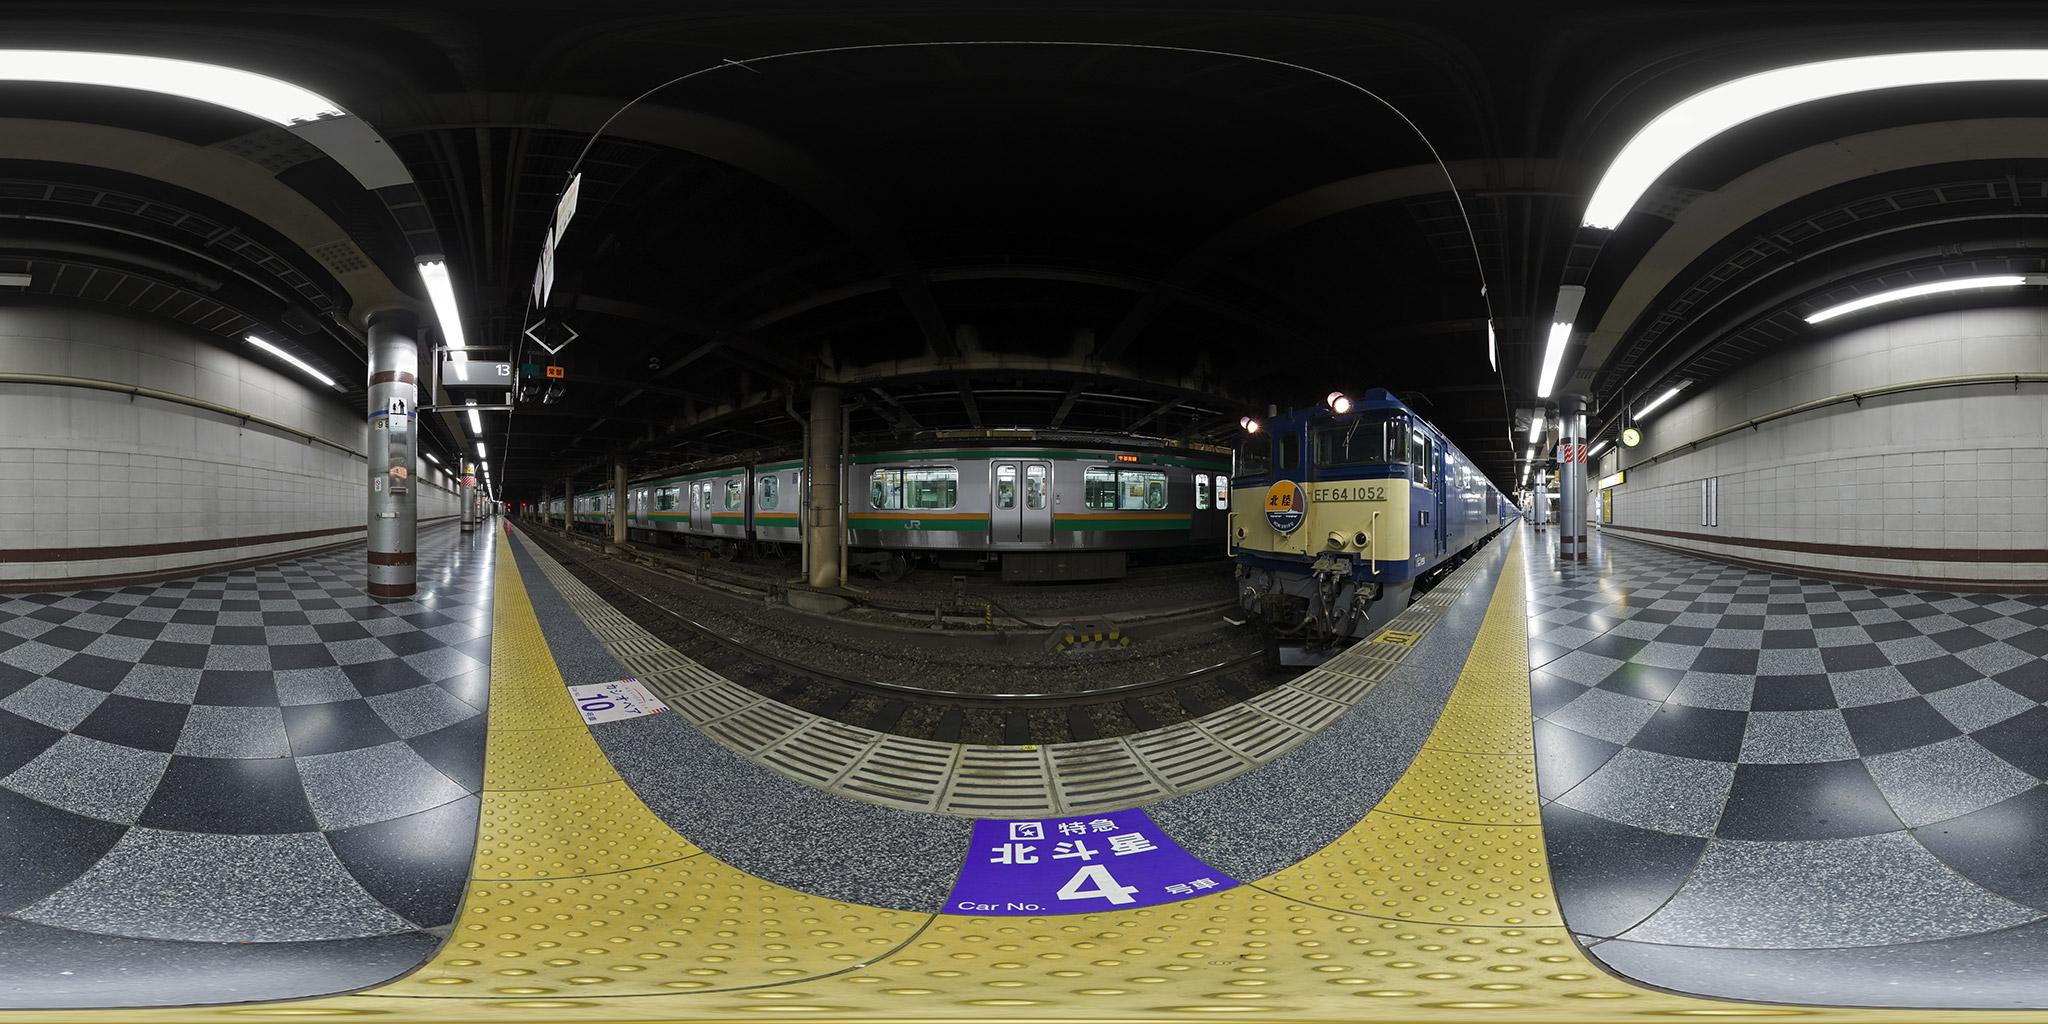 上野駅を出発する寝台特急「北陸」EF64-1052